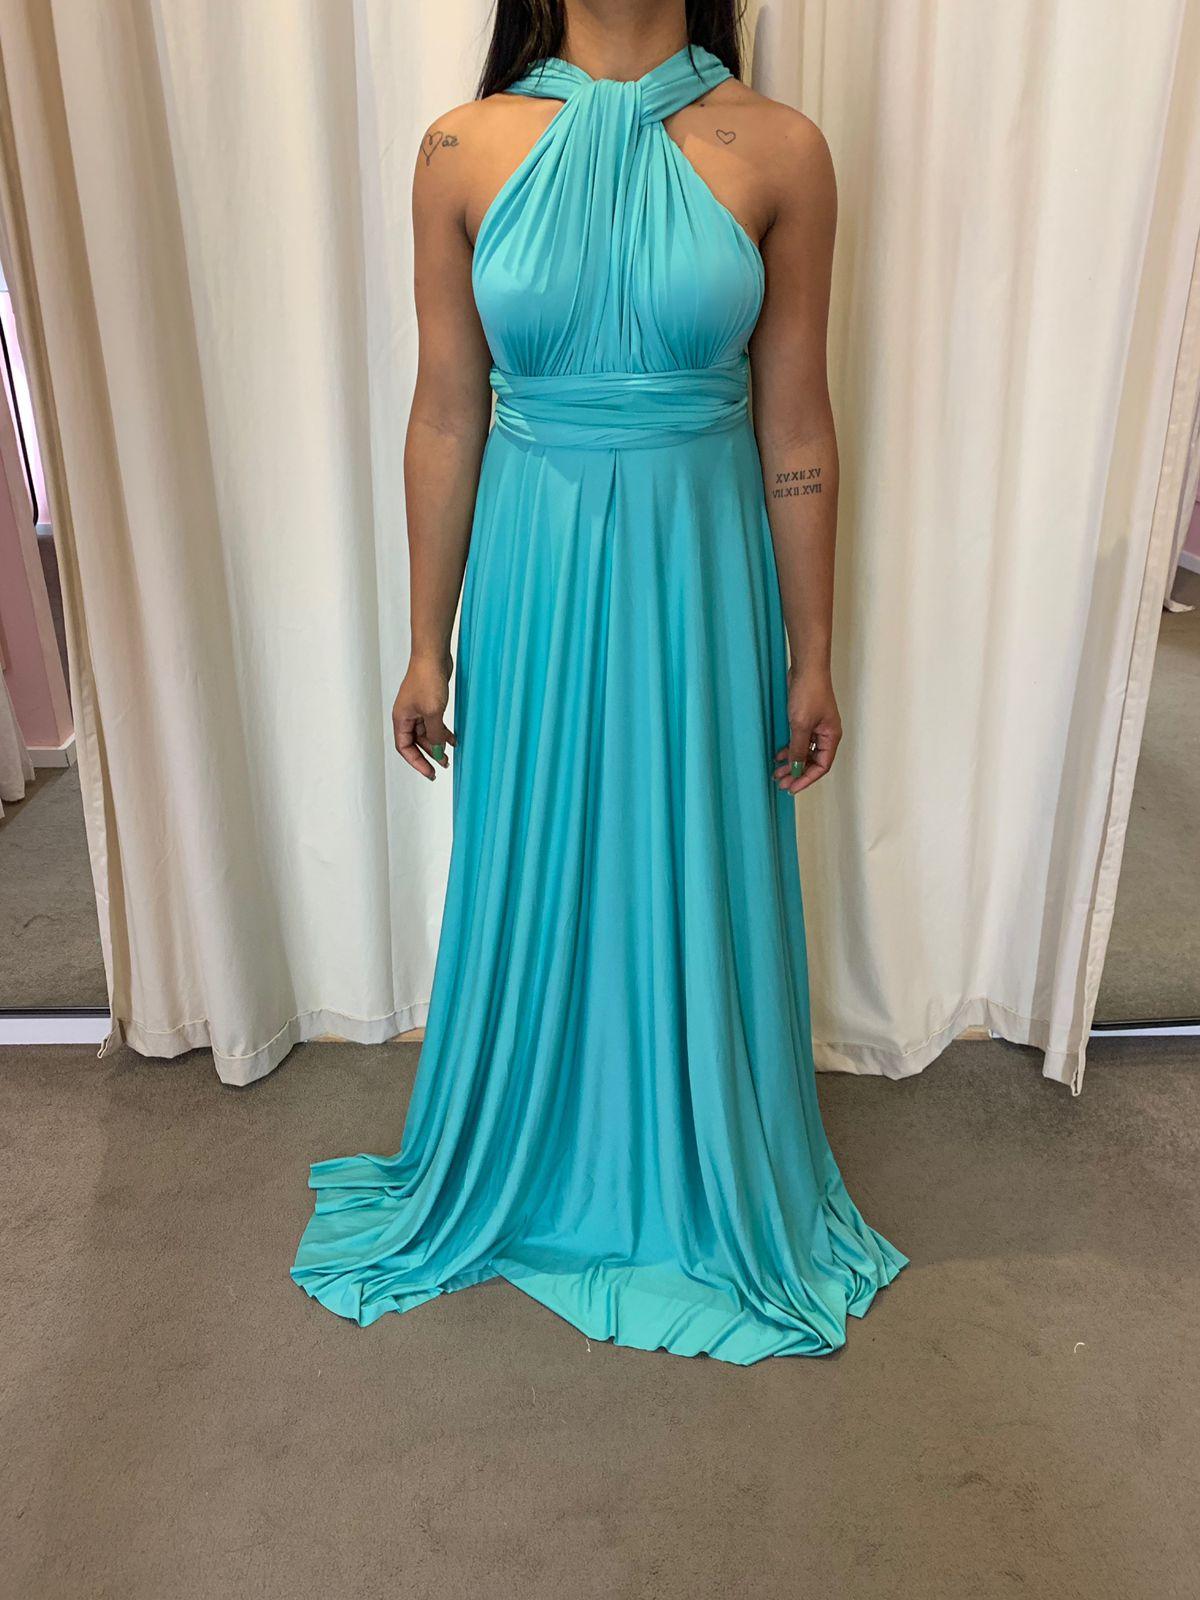 Vestido Multiformas Malha Tiffany II